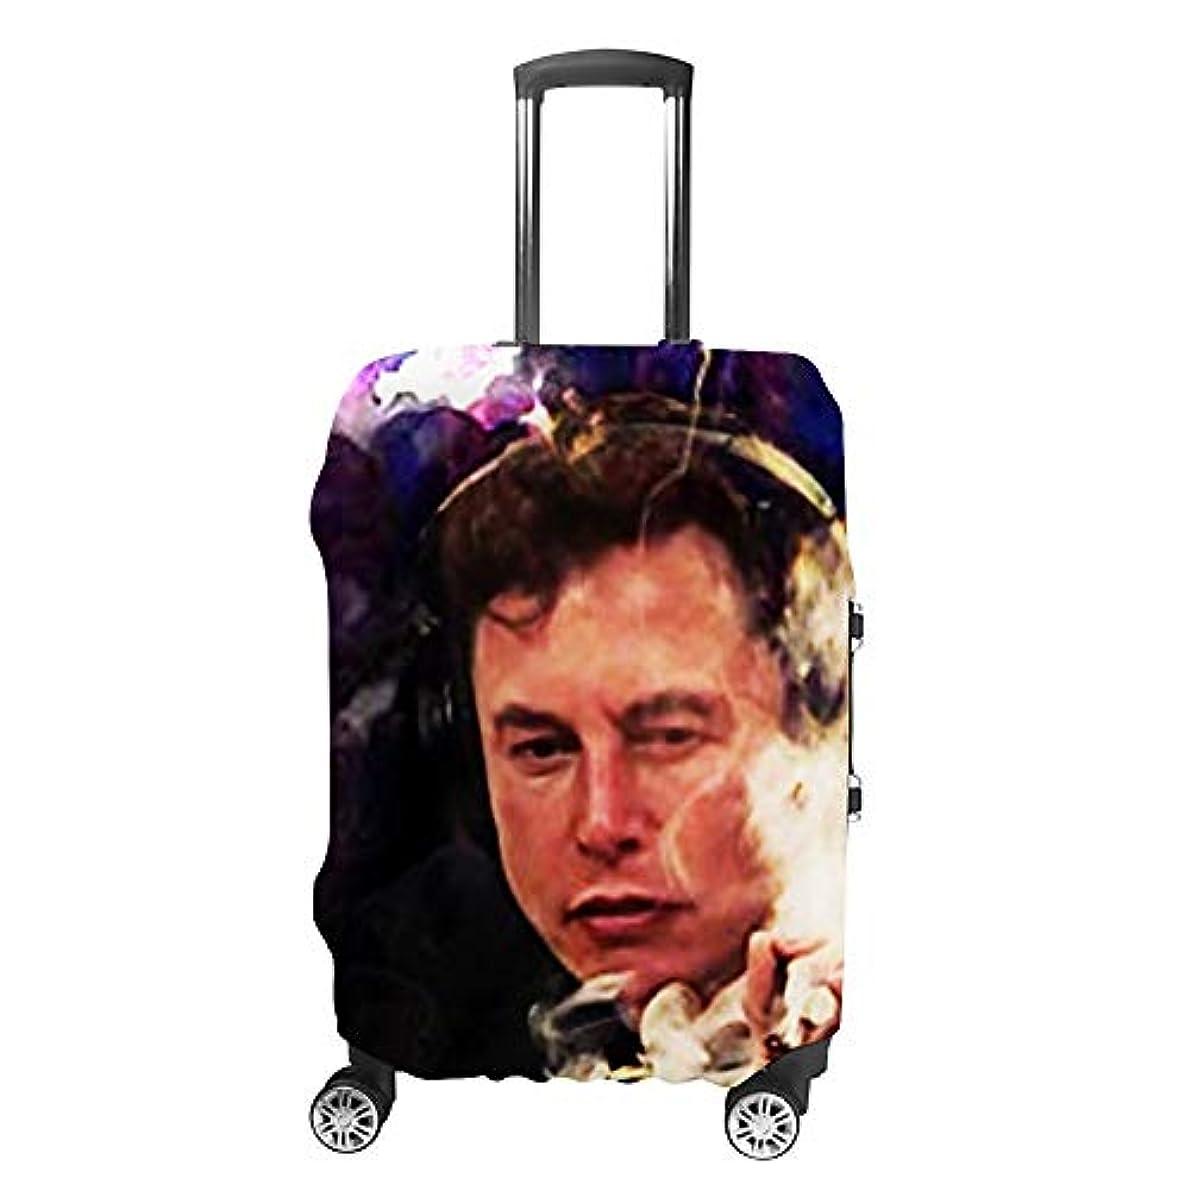 ペルメル効果アシストElon Musk ファッション旅行荷物カバースーツケース荷物プロテクター旅行カバー男性用女性用